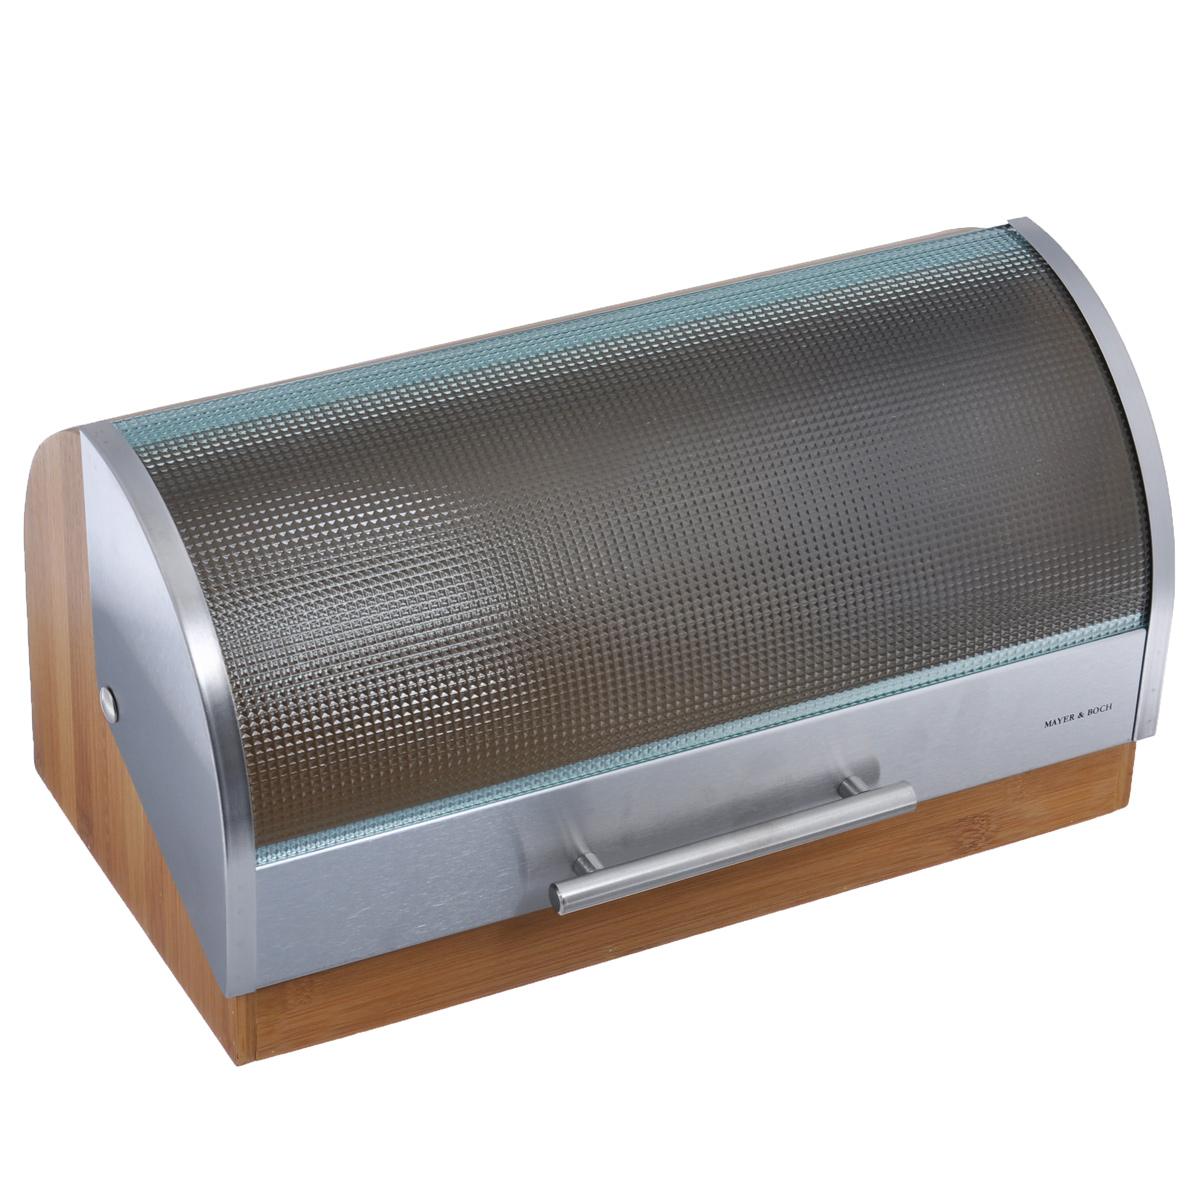 Хлебница Mayer & Boch, 39,5 х 24 х 21 см21222Хлебница Mayer & Boch, выполненная в классическом дизайне, позволит сохранить ваш хлеб свежим и вкусным. Корпус хлебницы выполнен из натурального бамбука. Крышка, выполненная из стекла и нержавеющей стали плавно открывается и является герметичной. Крышка оснащена металлической ручкой. Эксклюзивный дизайн, эстетика и функциональность хлебницы делают ее превосходным аксессуаром на вашей кухне.